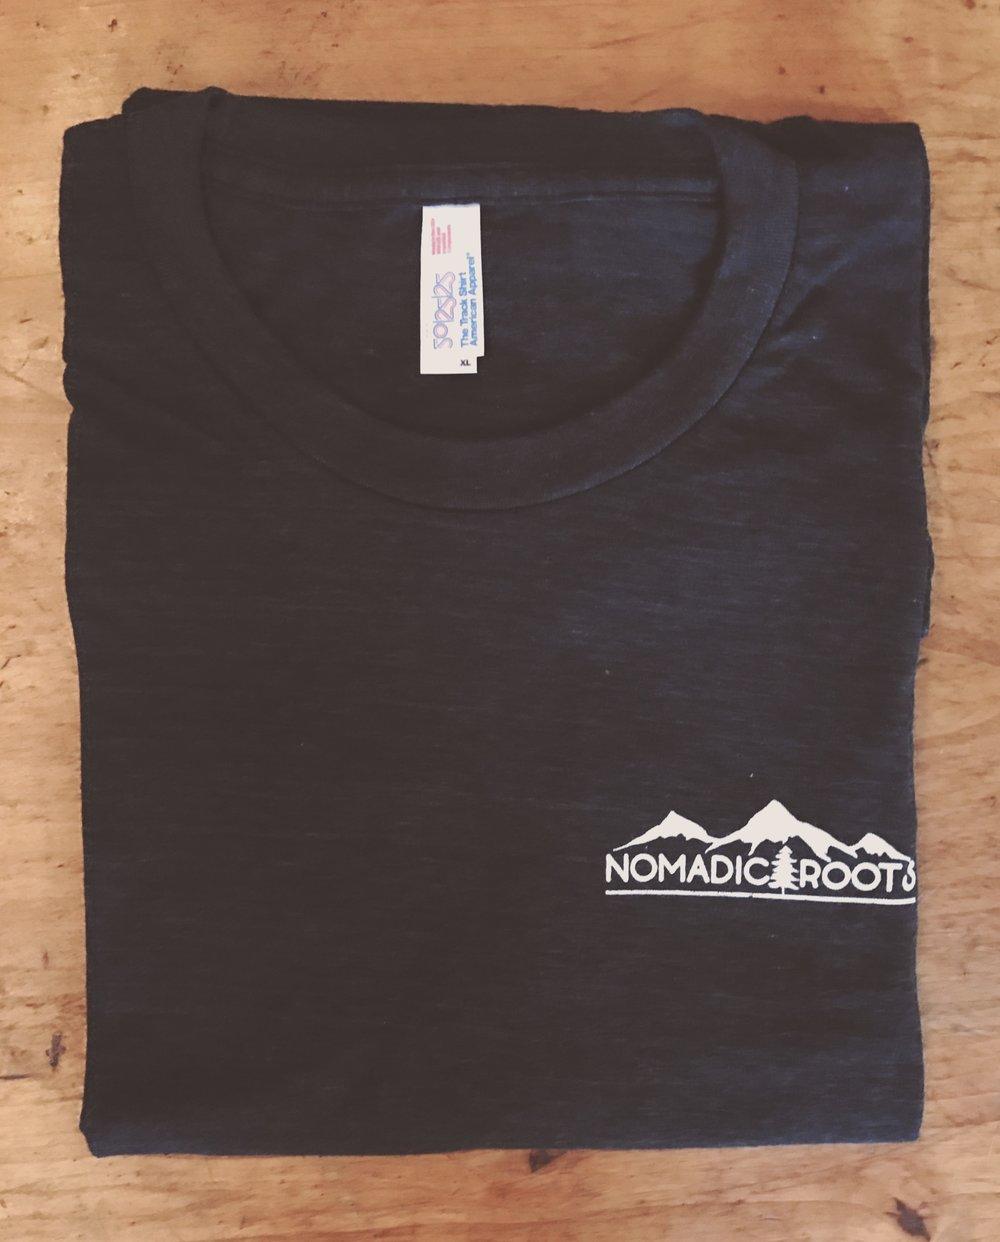 swag_shirt front.JPG